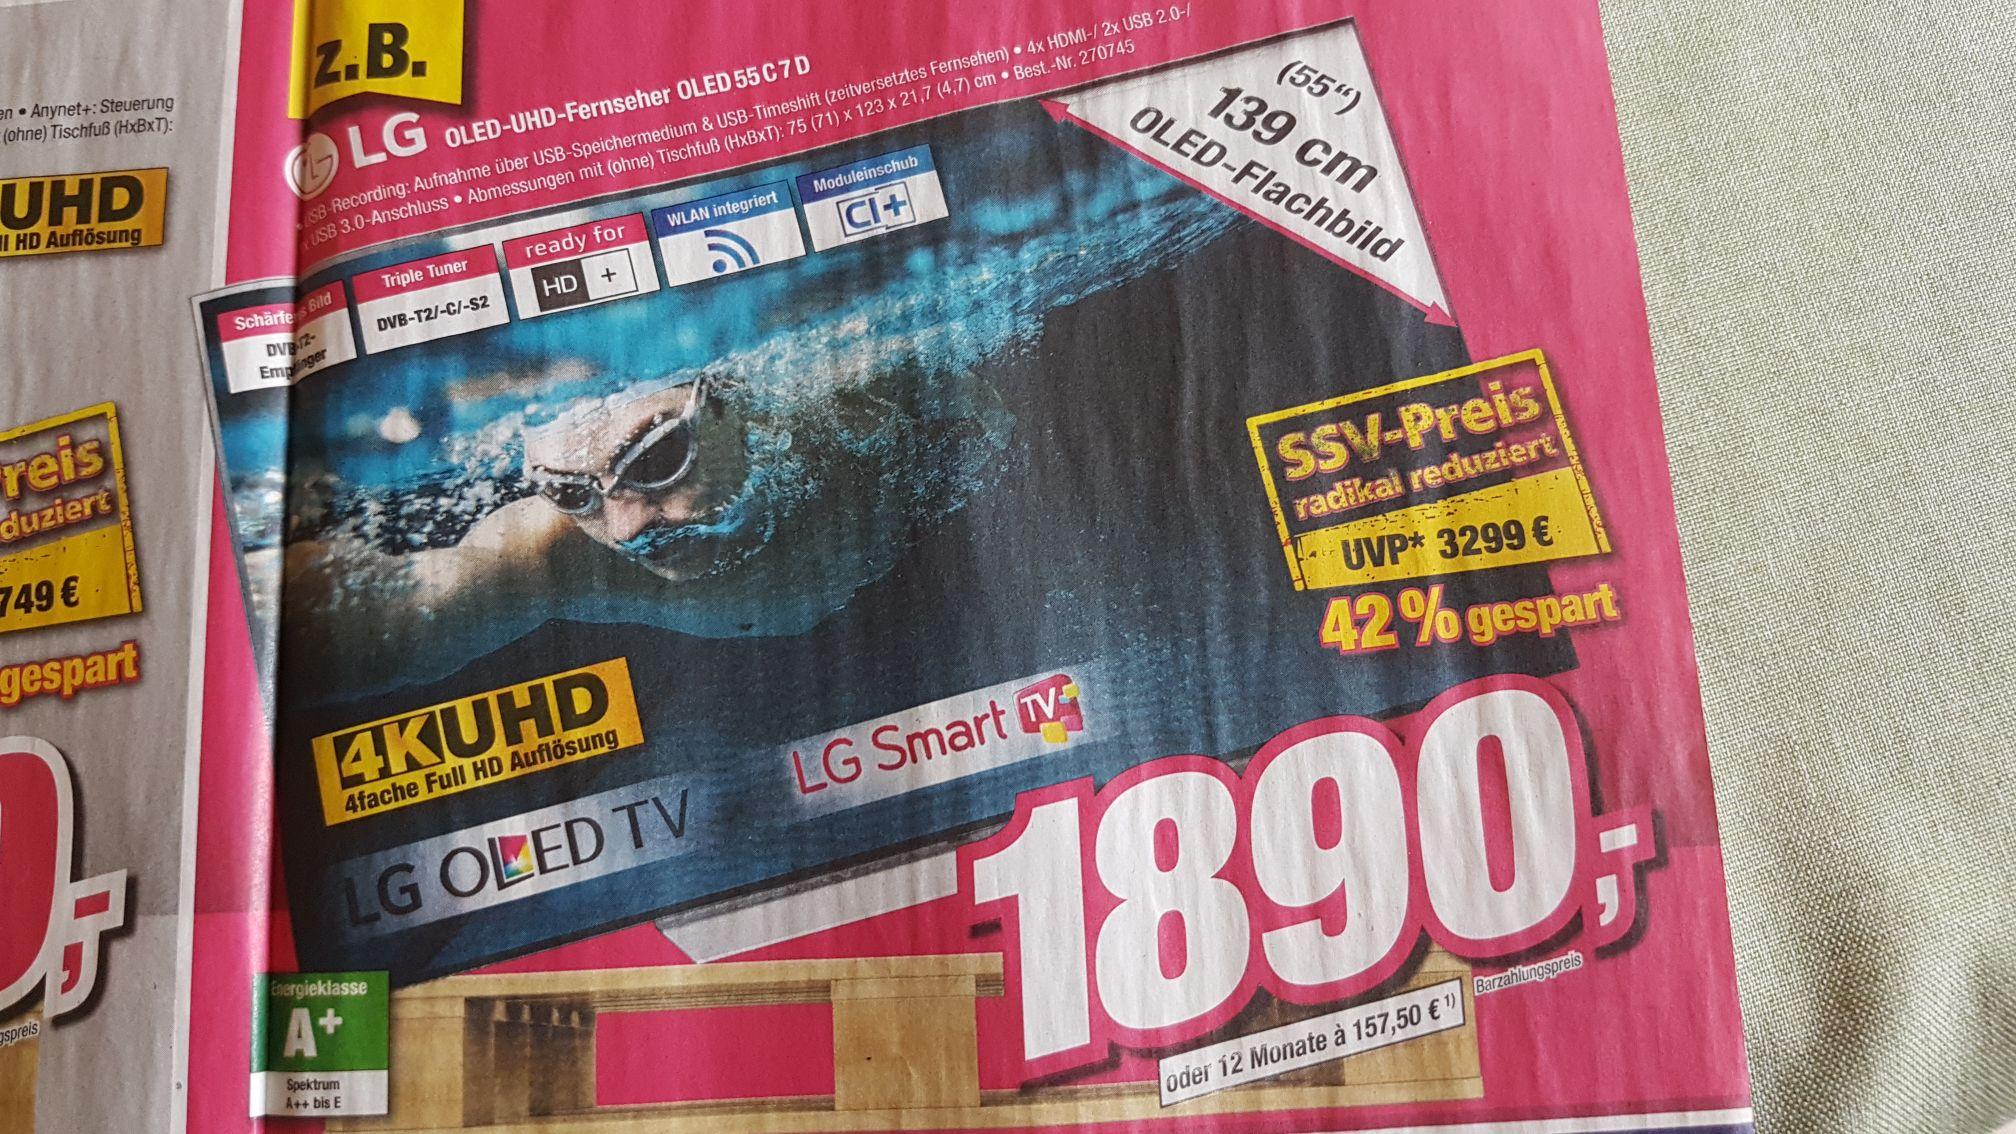 LG 55 C7D OLED UHD [lokal Telepoint]